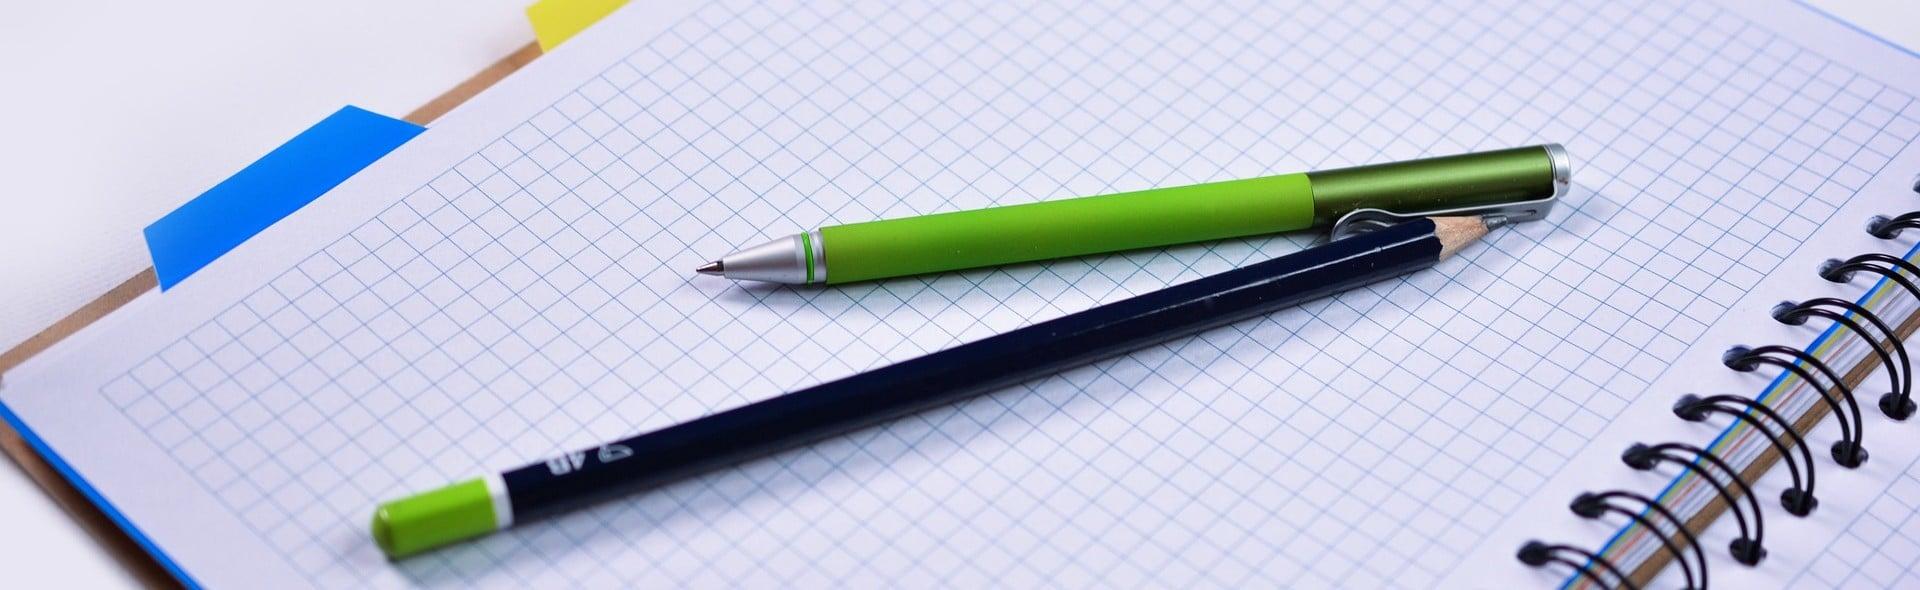 notebook-1198156_1920